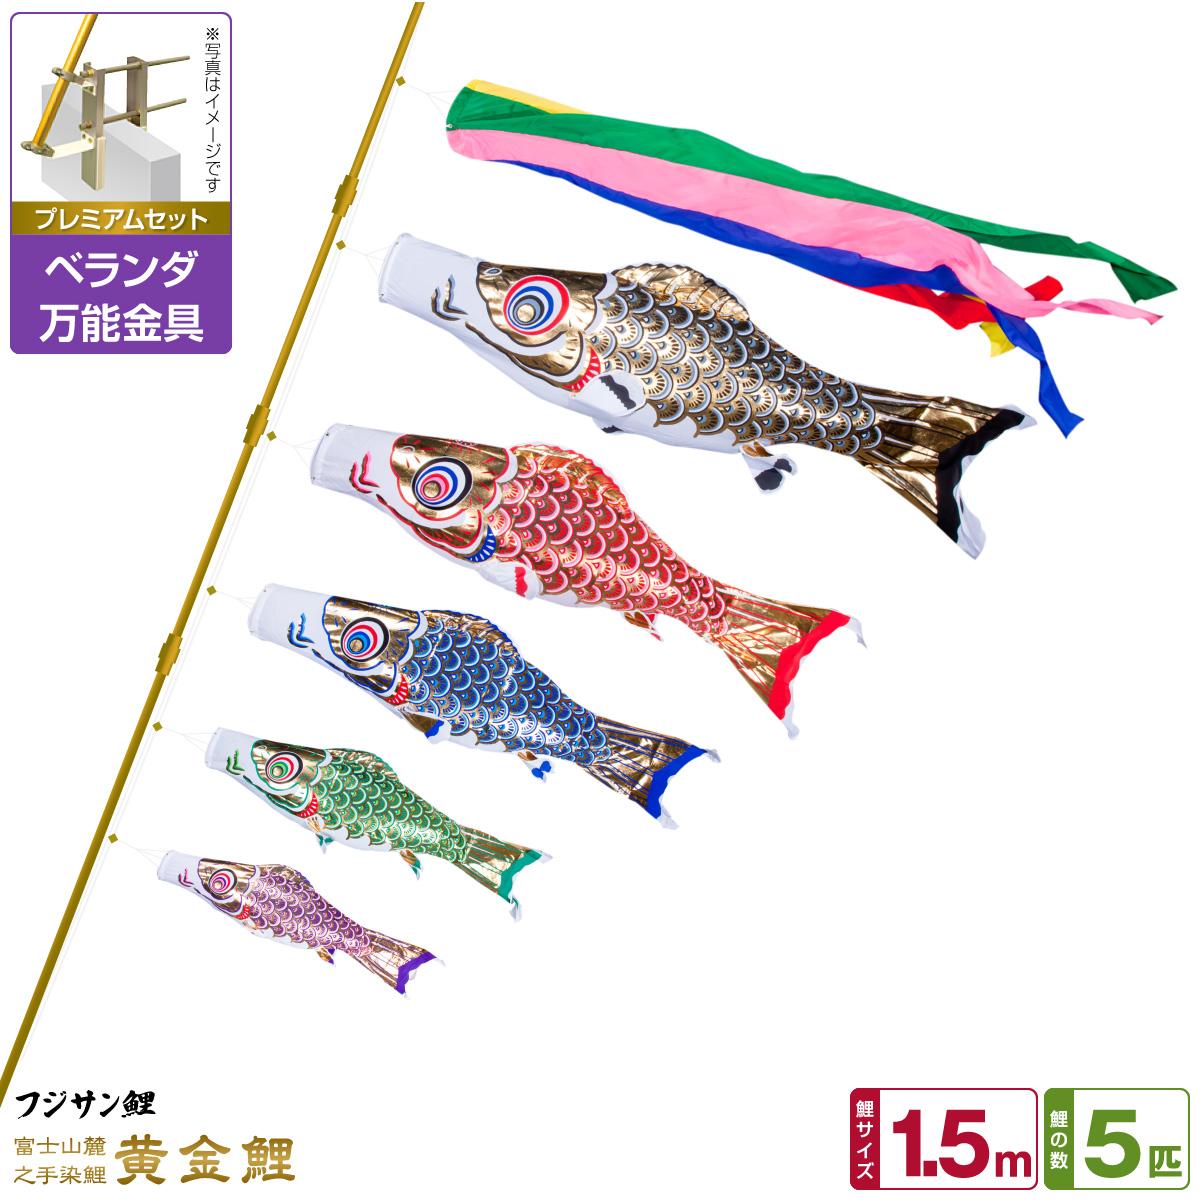 ベランダ用 こいのぼり 鯉のぼり フジサン鯉 黄金鯉 1.5m 8点(吹流し+鯉5匹+矢車+ロープ)/プレミアムセット(万能取付金具)